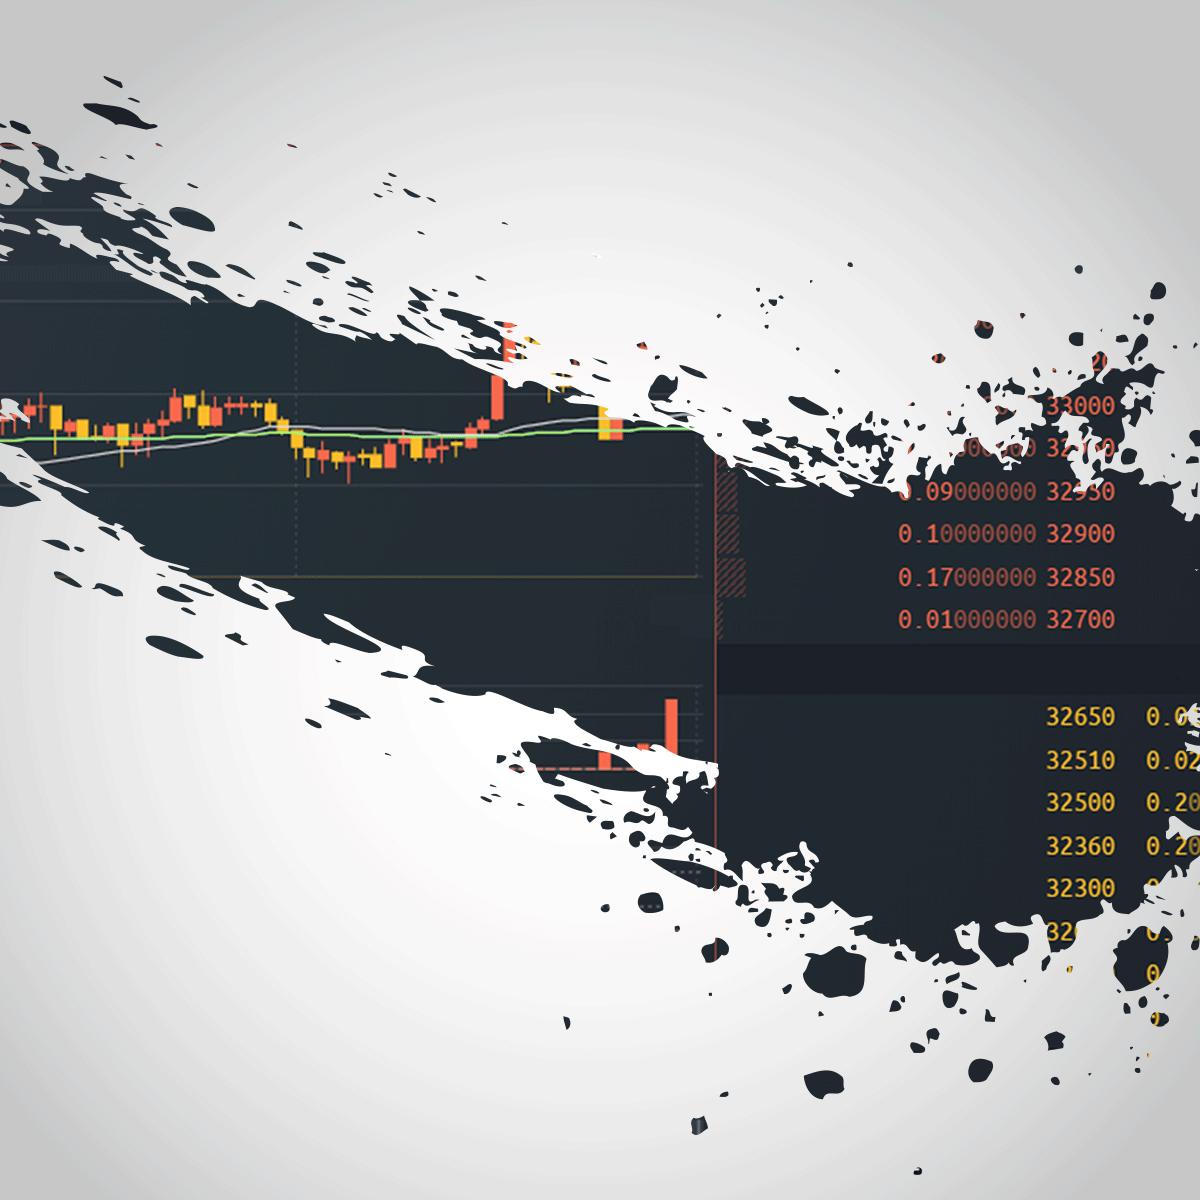 test ツイッターメディア - bitFlyerの仲値 = ¥700,313 1BTC販売価格 = ¥689,958 1BTC買取価格 = ¥710,668 (2020年03月31日 20時00分31秒) #ビットフライヤー https://t.co/t2F5dx9zBM